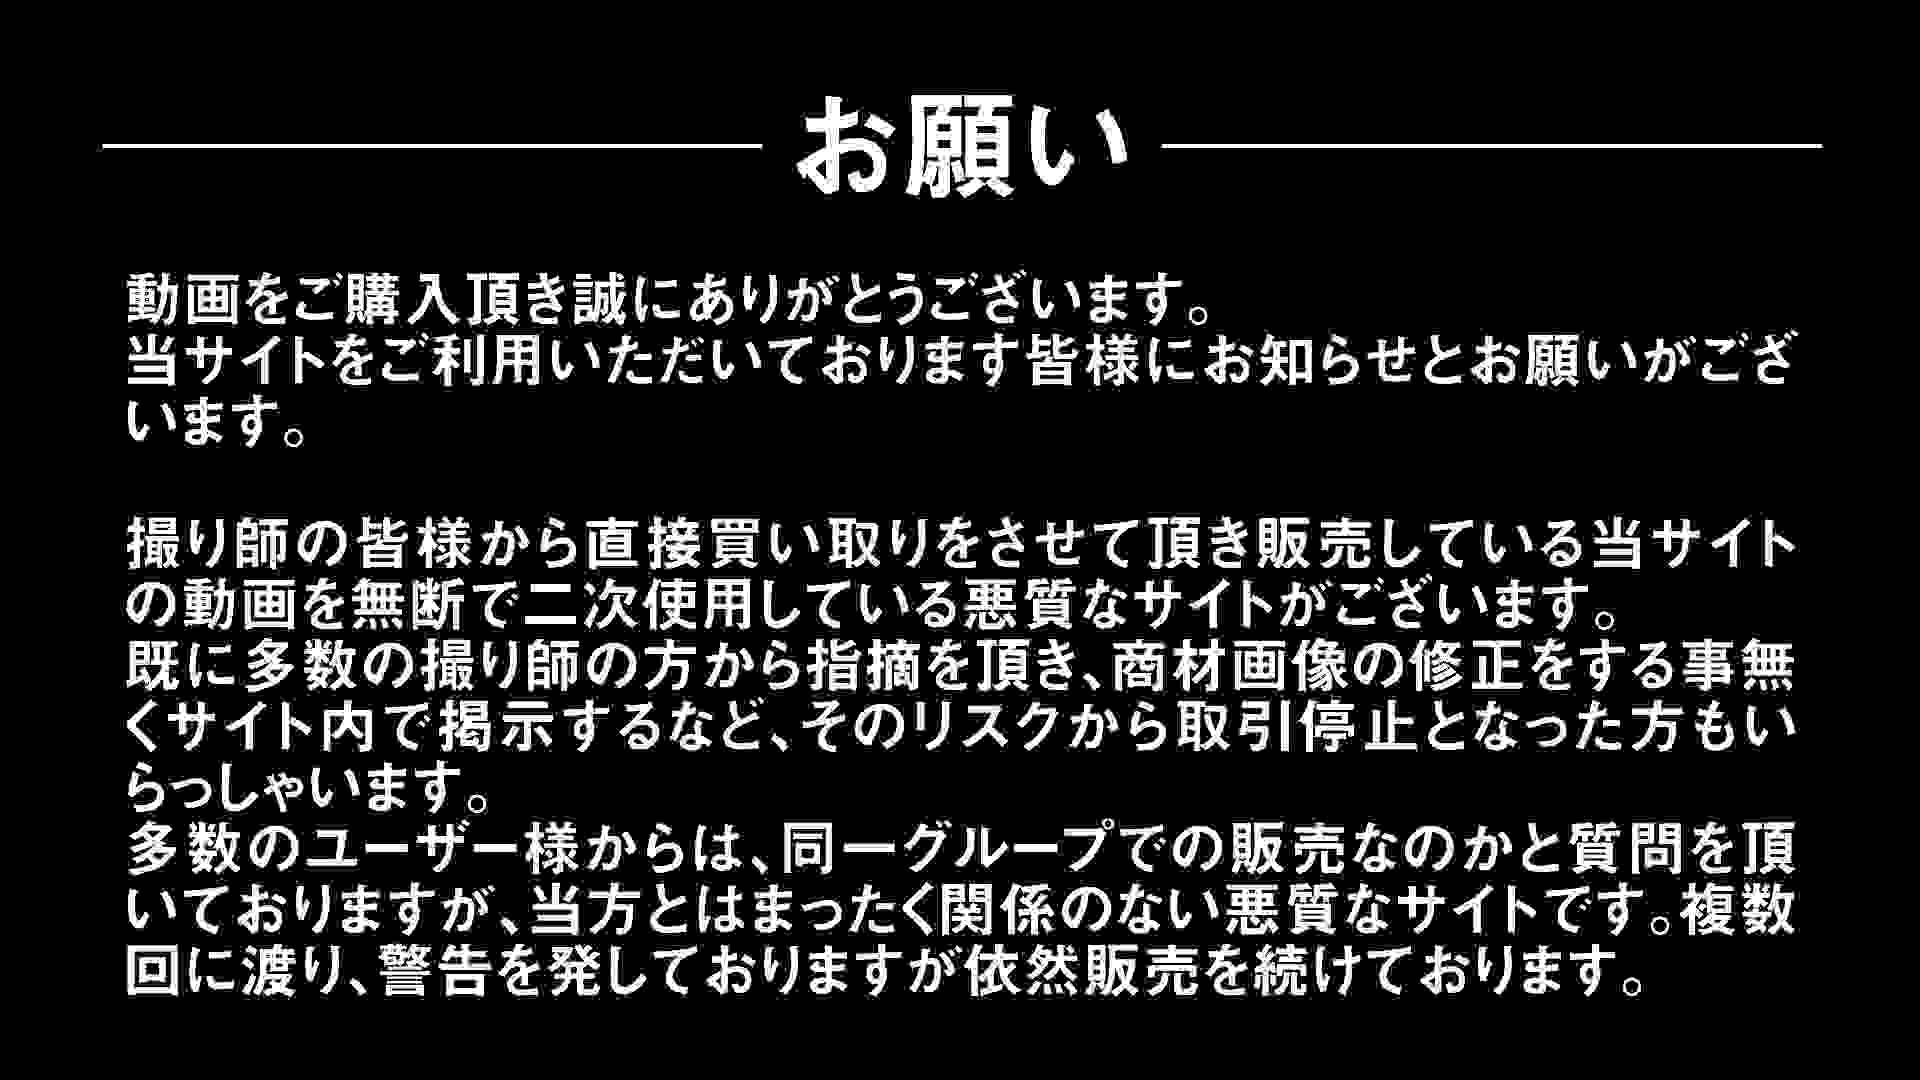 Aquaな露天風呂Vol.300 盗撮シリーズ  110PIX 16